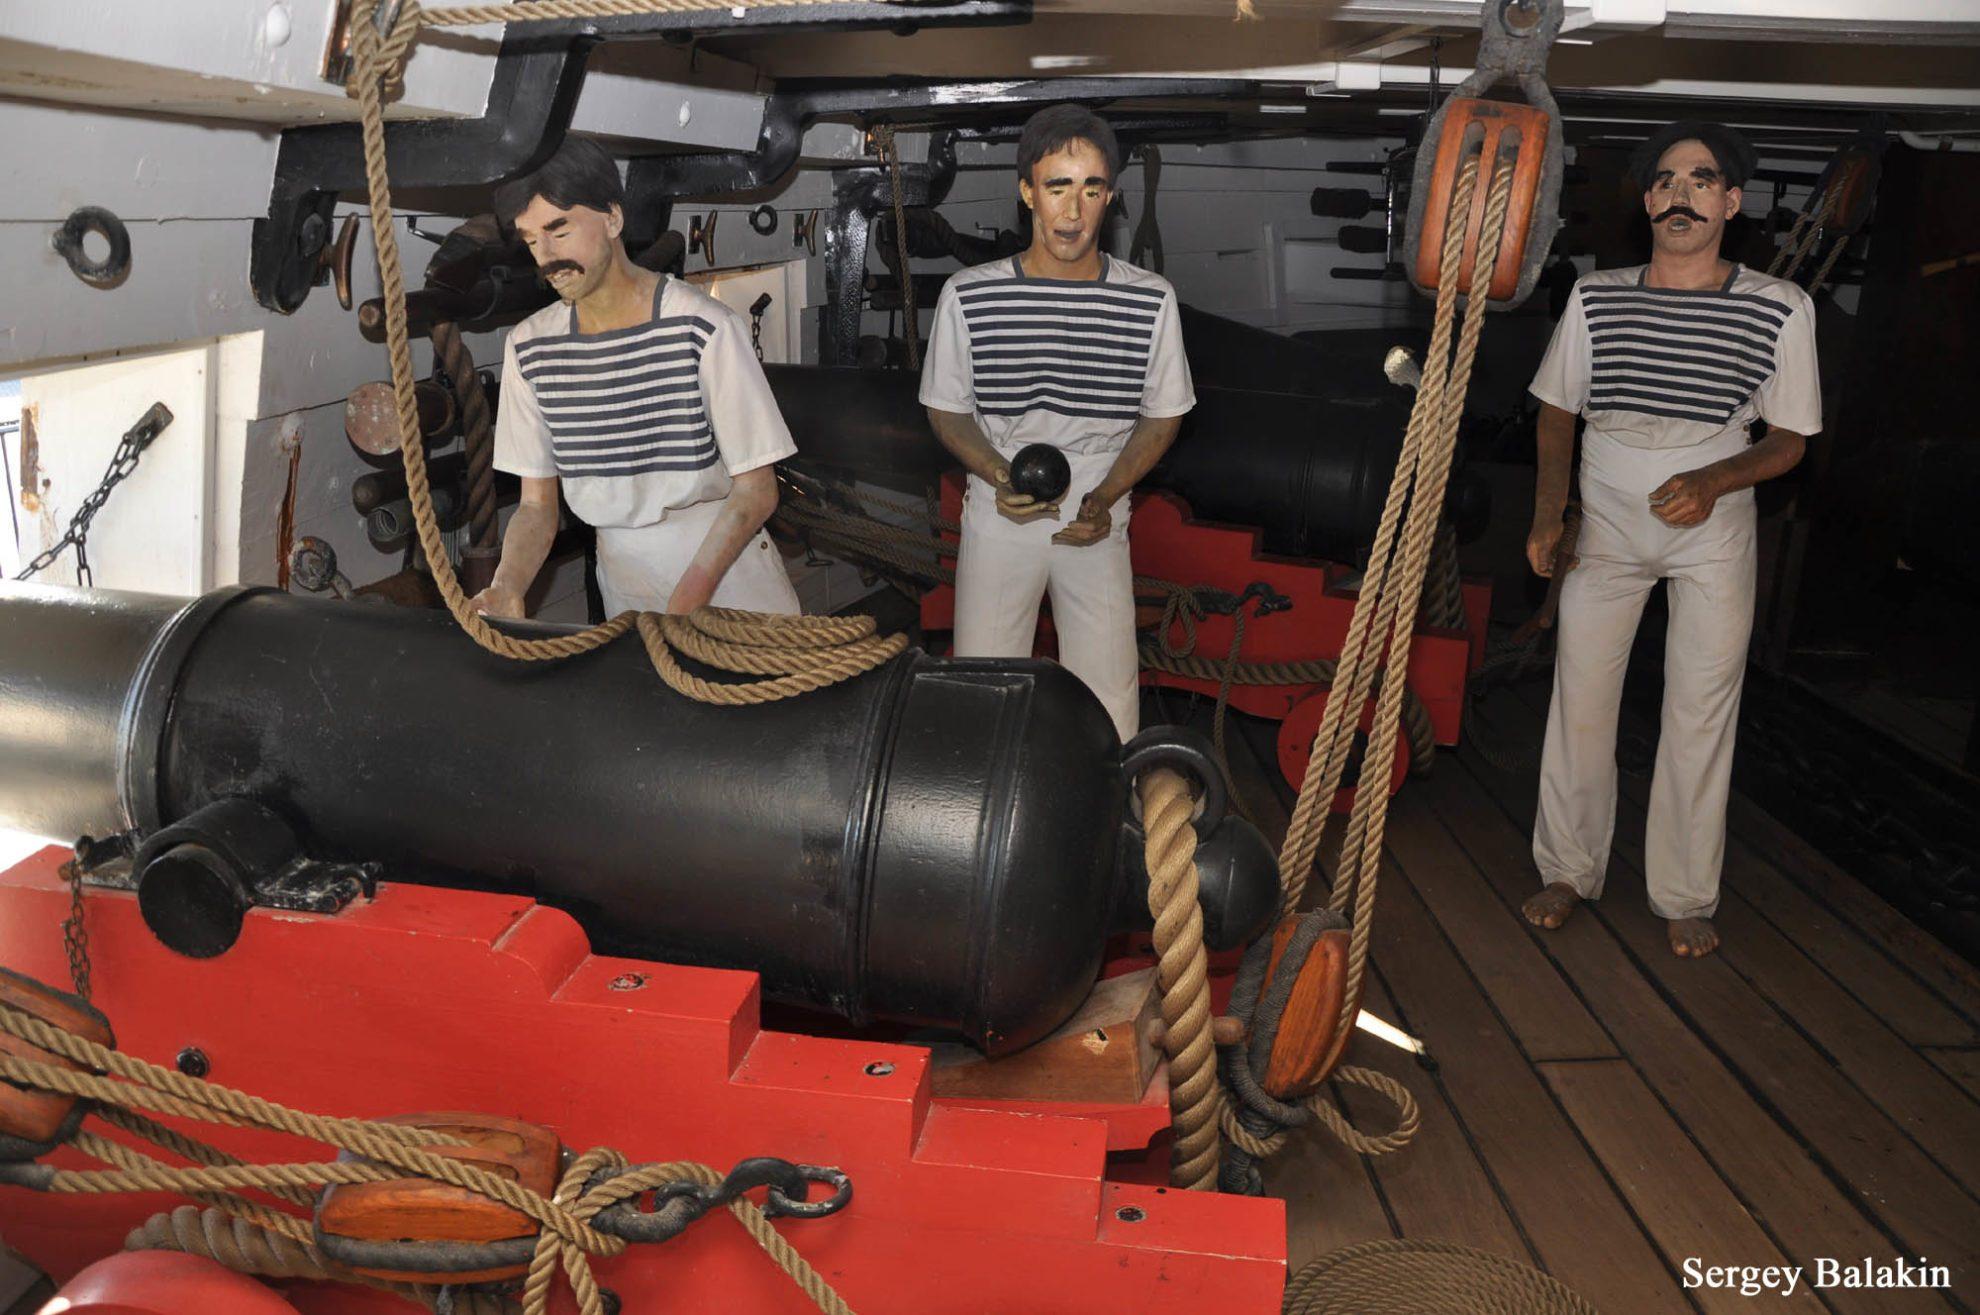 Комендоры 18-фунтового орудия в рубашках с горизонтальными полосами.